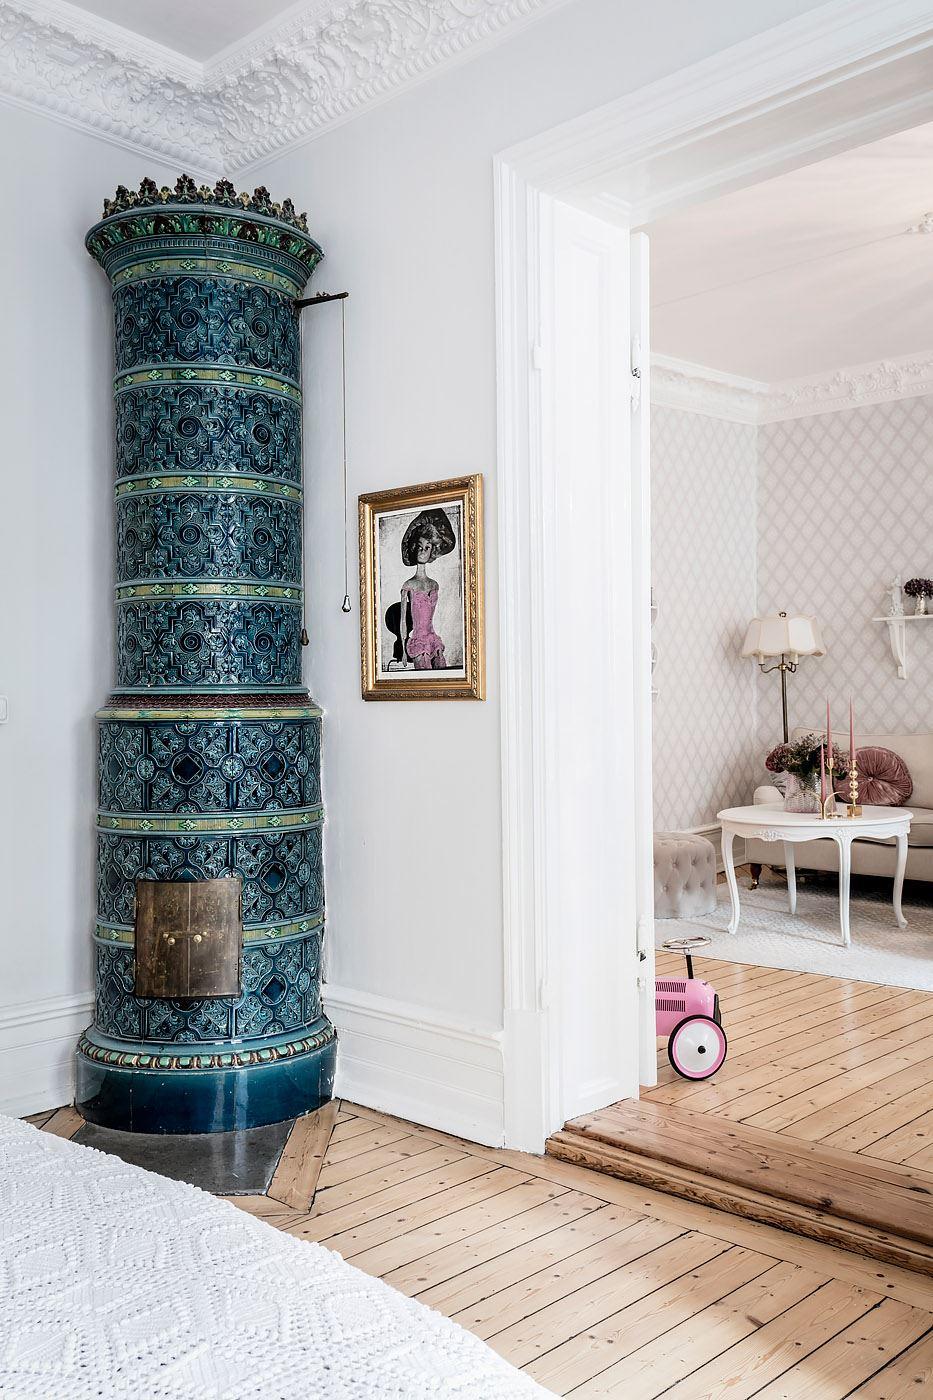 дверной проем плинтус наличники порог скандинавская израсцовая печь